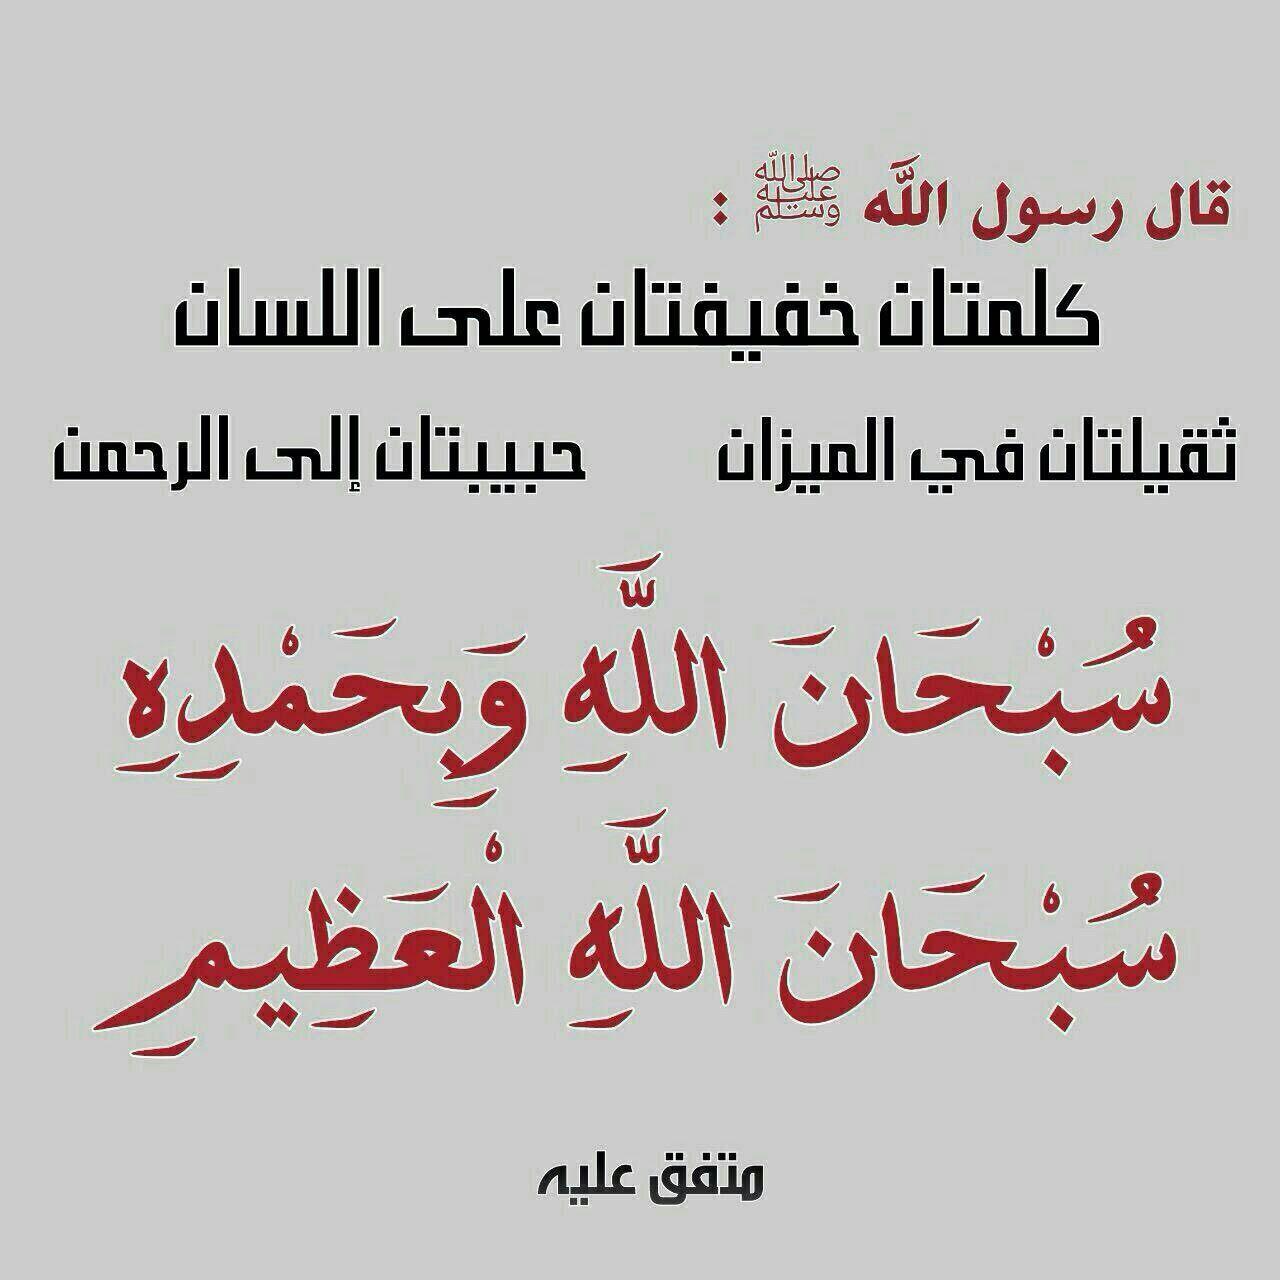 كلمتان خفيفتان على اللسان حبيبتان الى الرحمن Arabic Calligraphy Calligraphy Eid Boxes